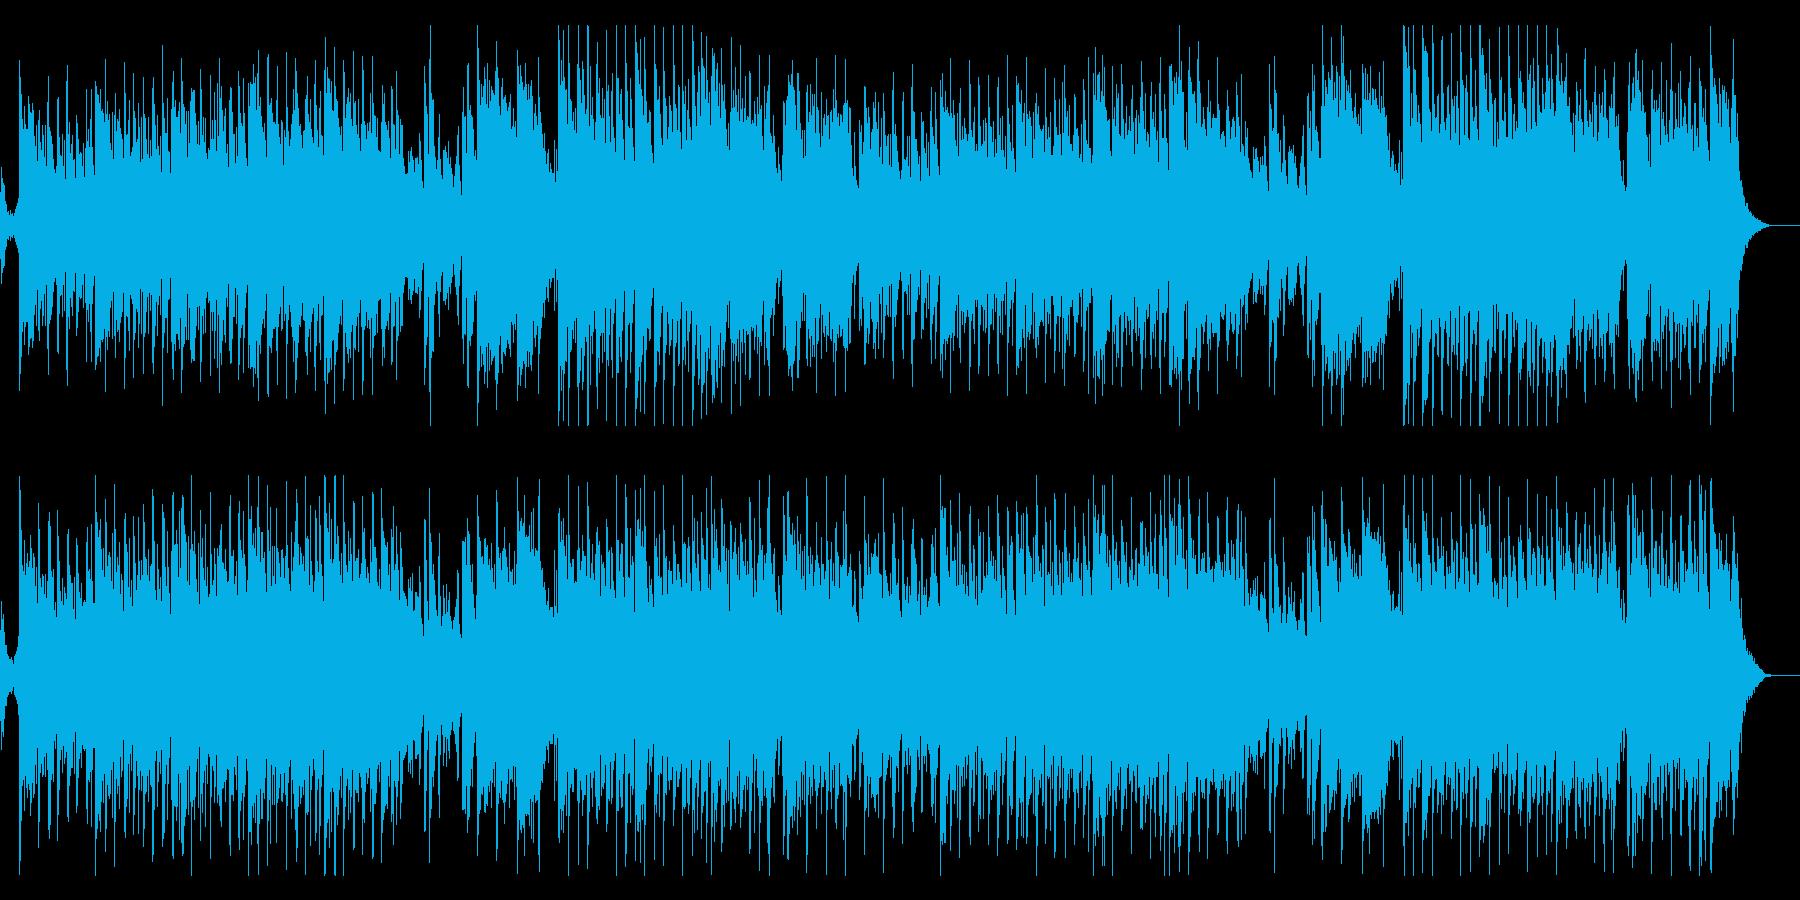 コミカルな悪魔族の城をイメージしたマーチの再生済みの波形